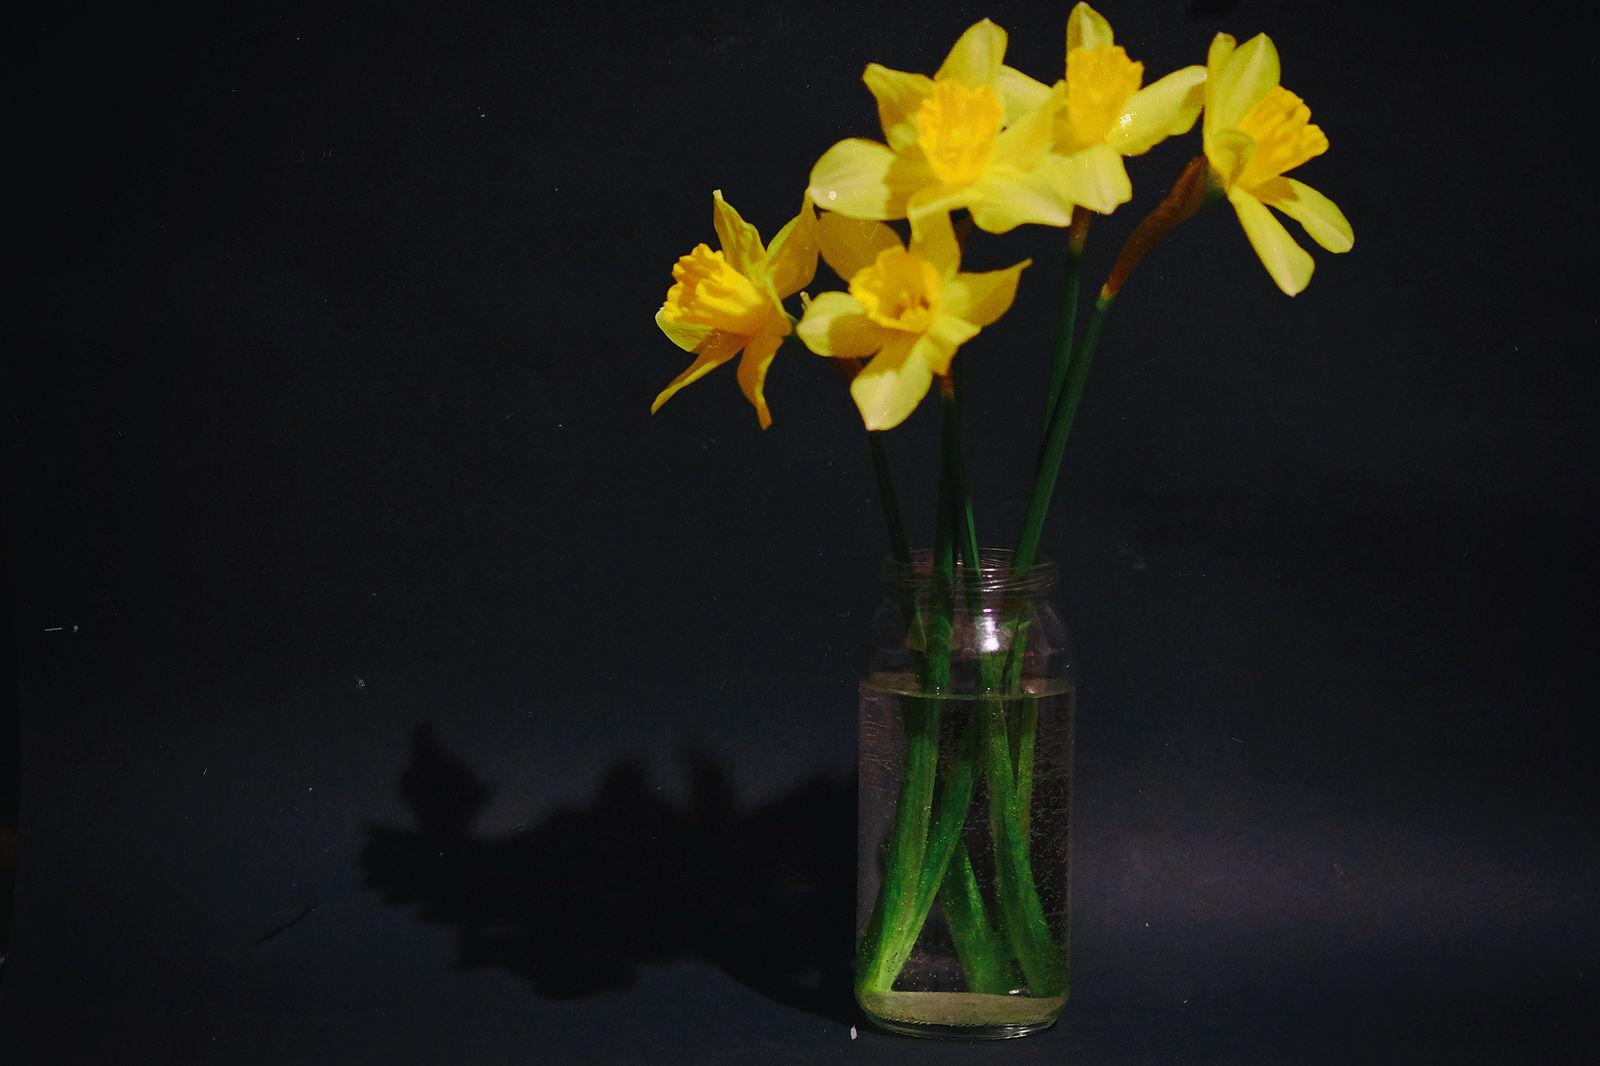 Марина Храмова. Весна. Без названия